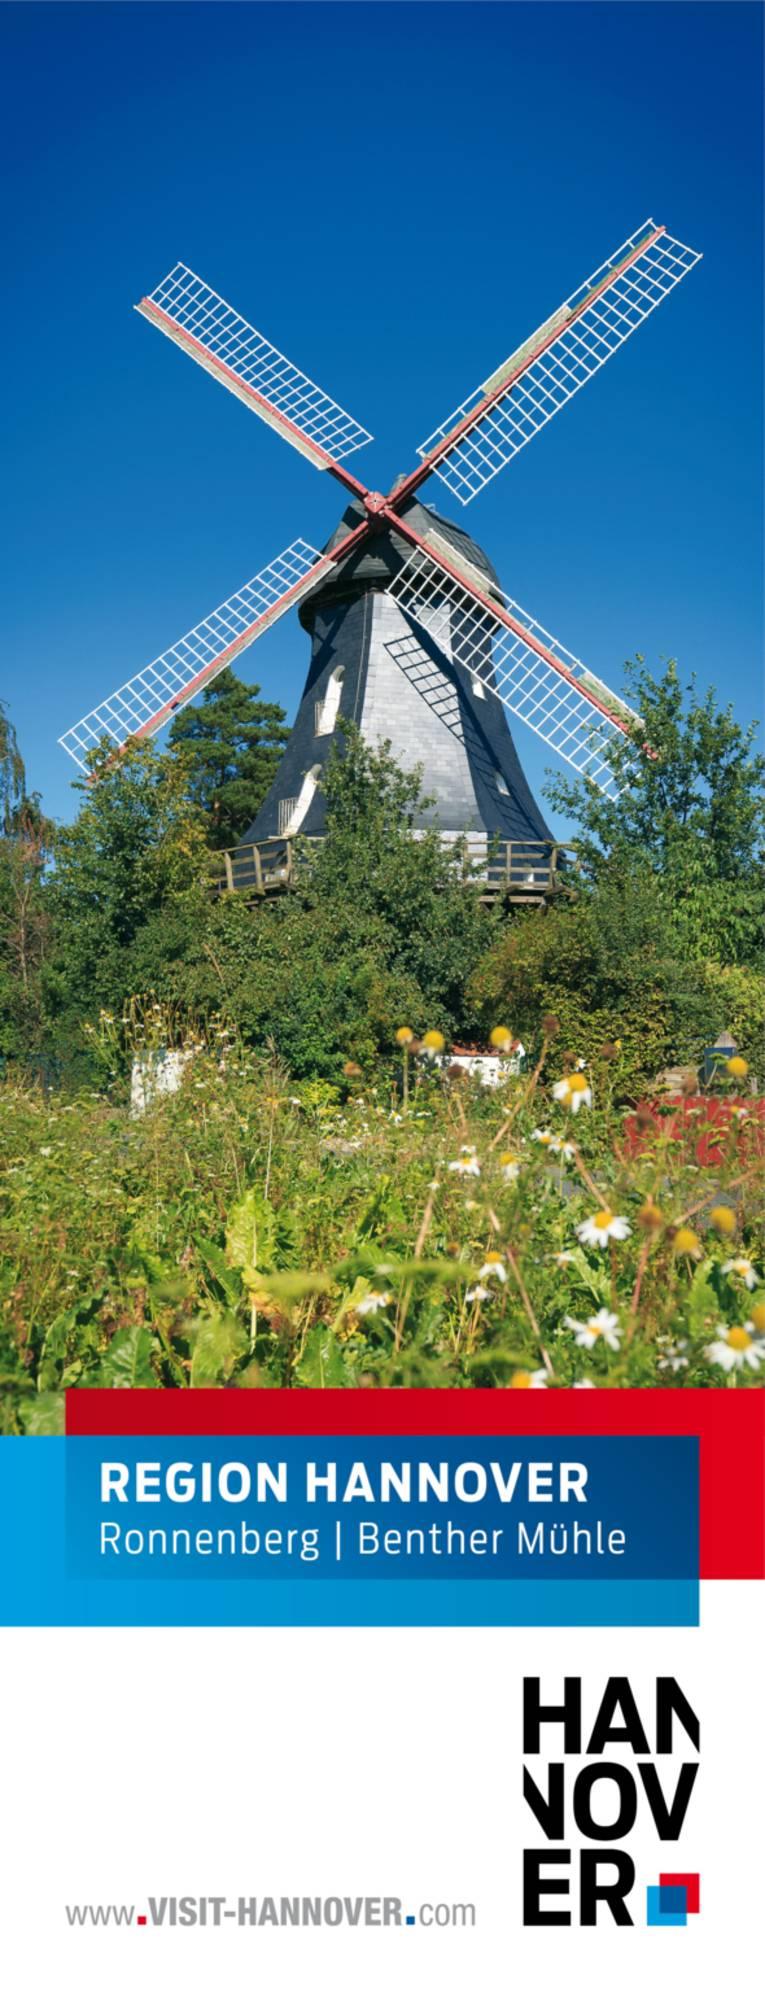 Ronnenberg präsentiert sich mit einem Motiv der Benther Mühle.